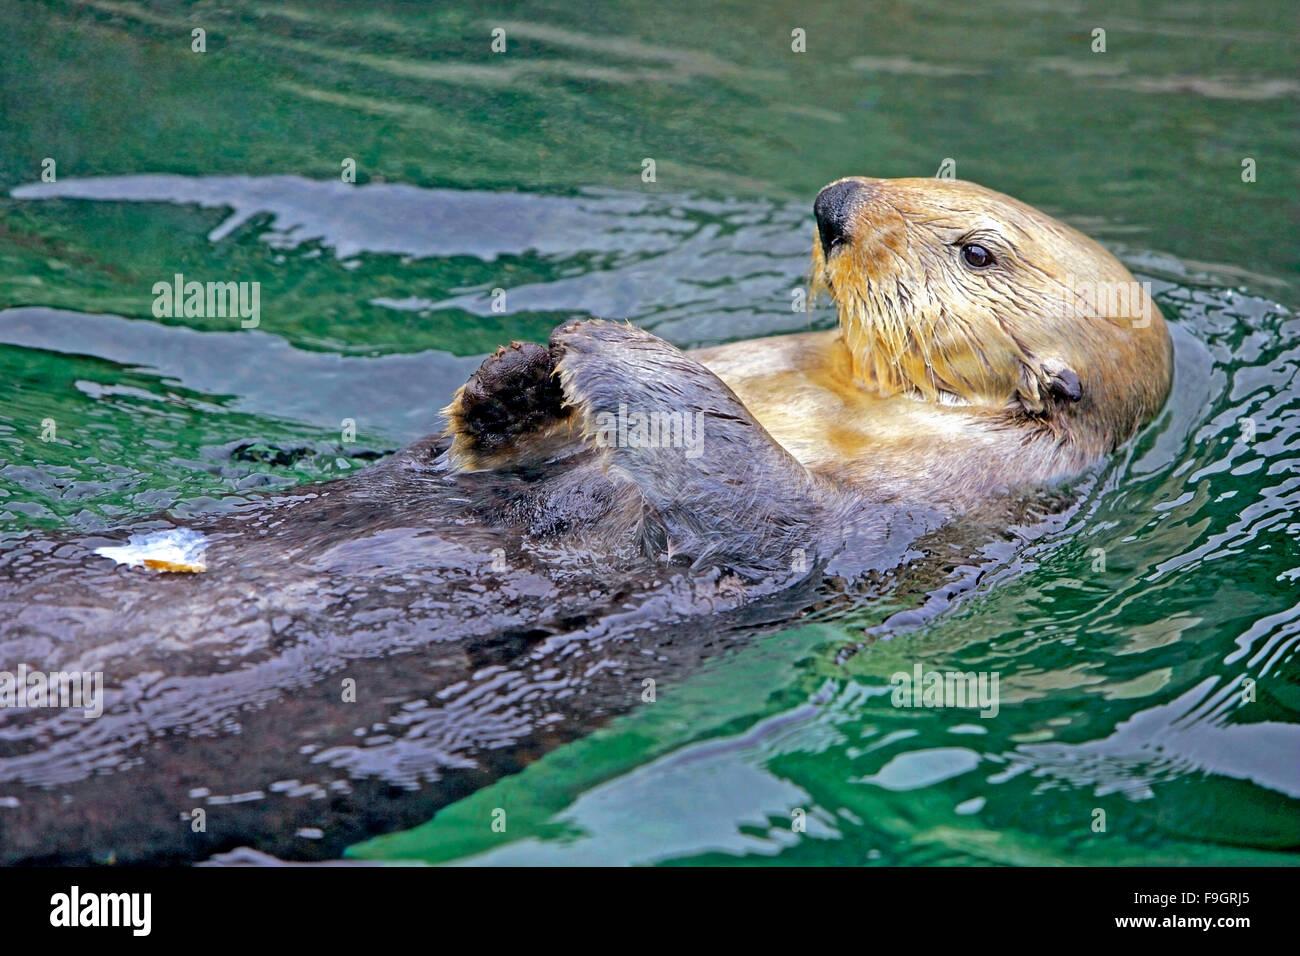 Sea Otter schwimmen auf dem Rücken, relaxied Stockbild